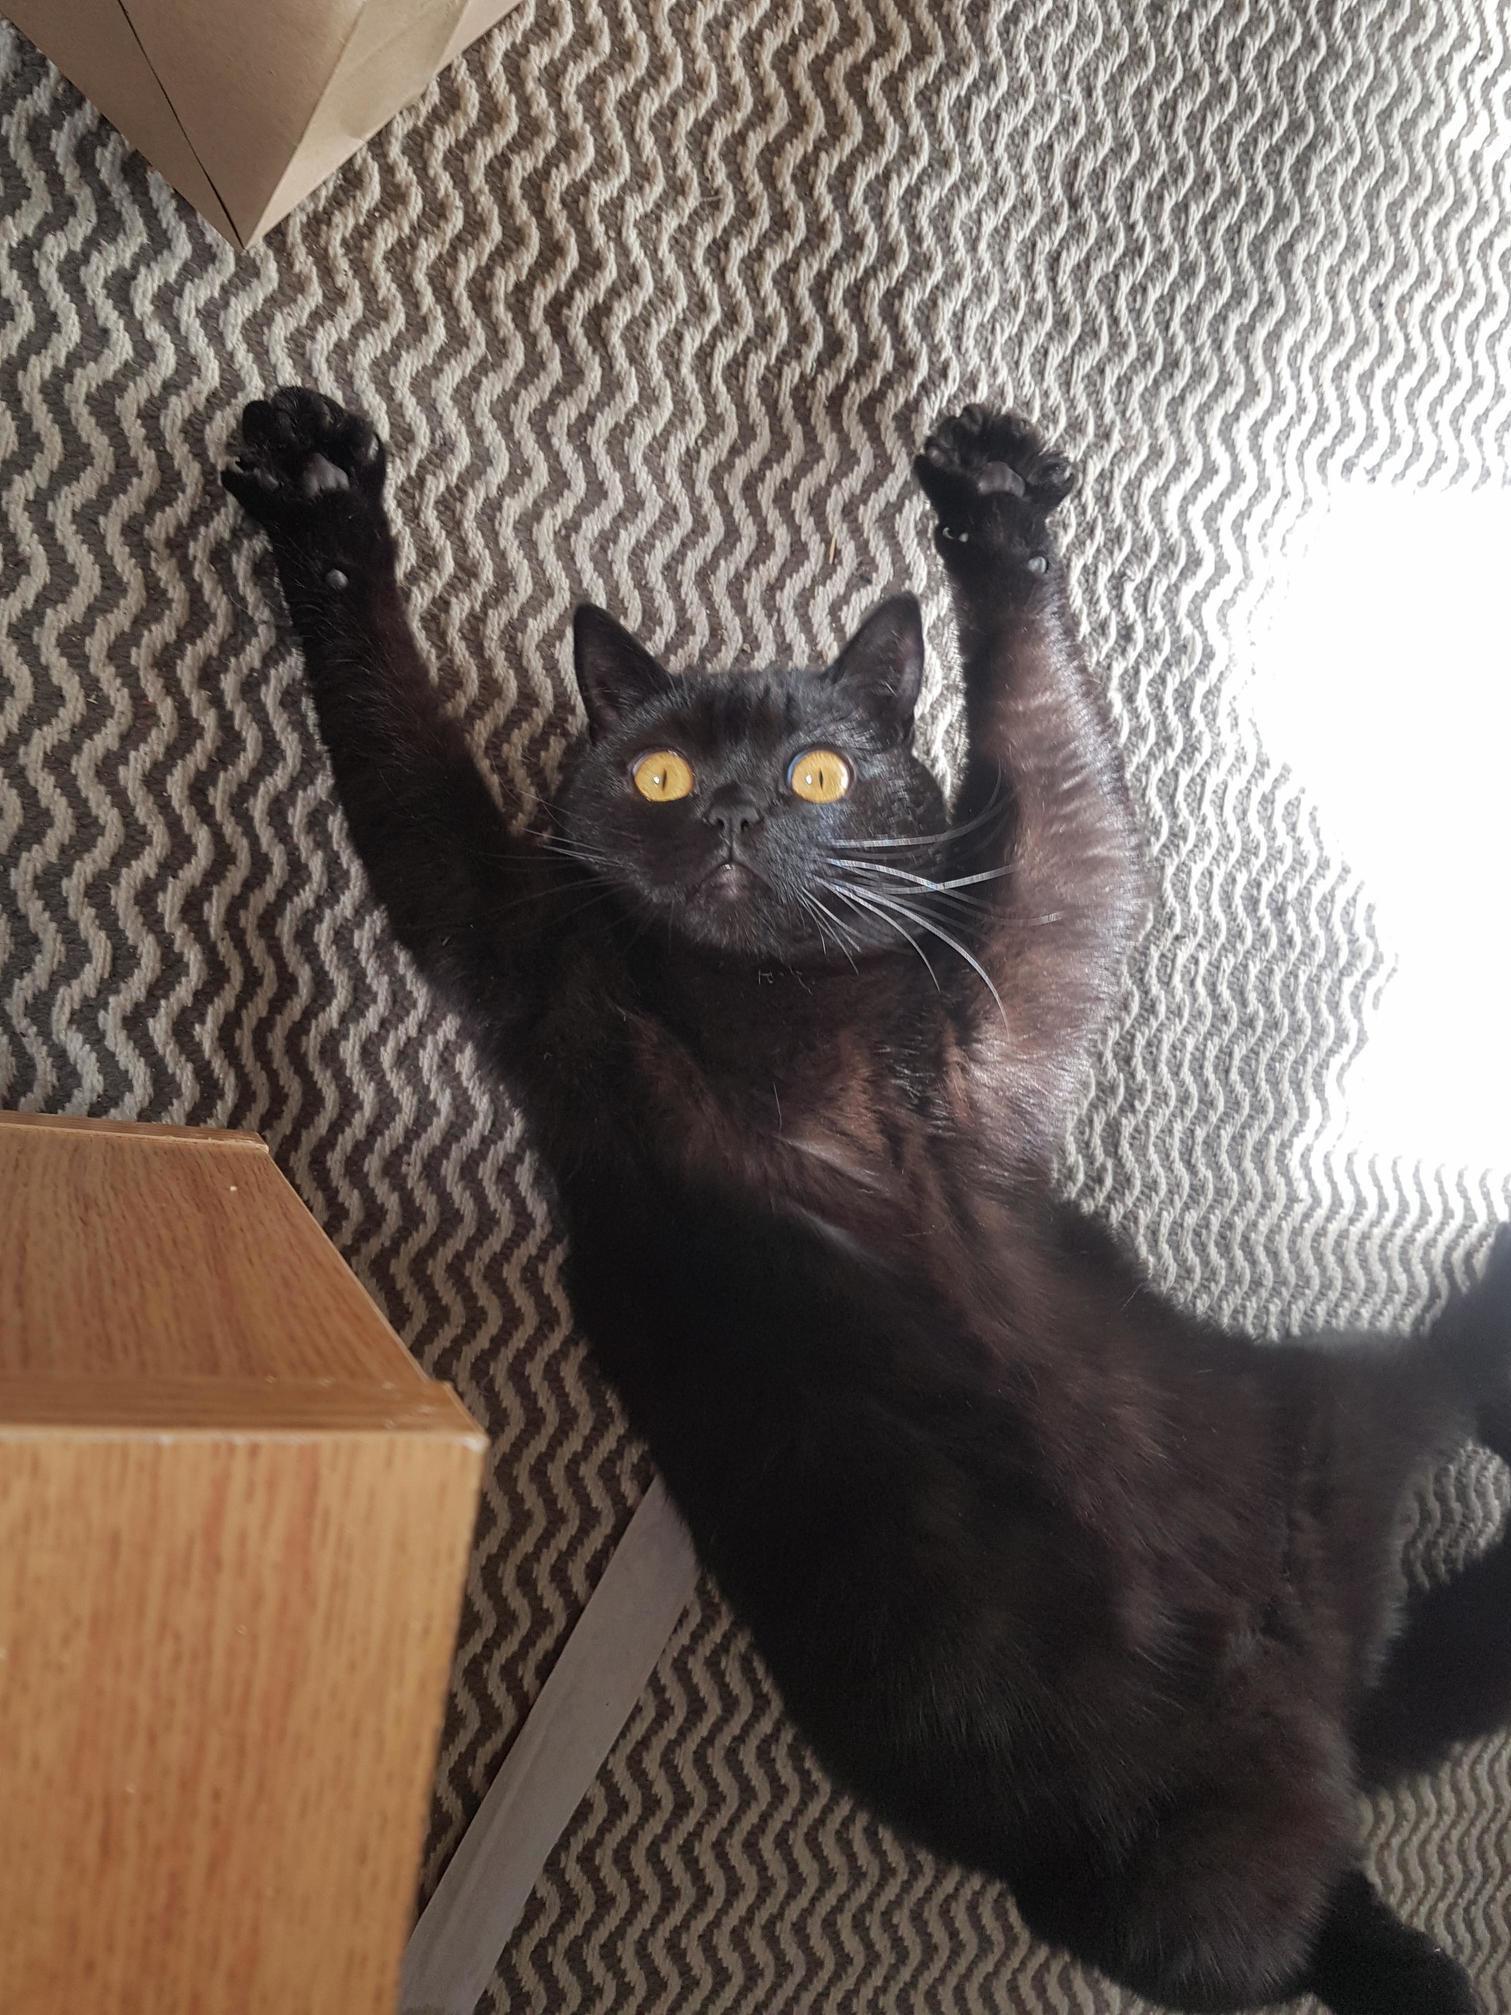 My cat being weird